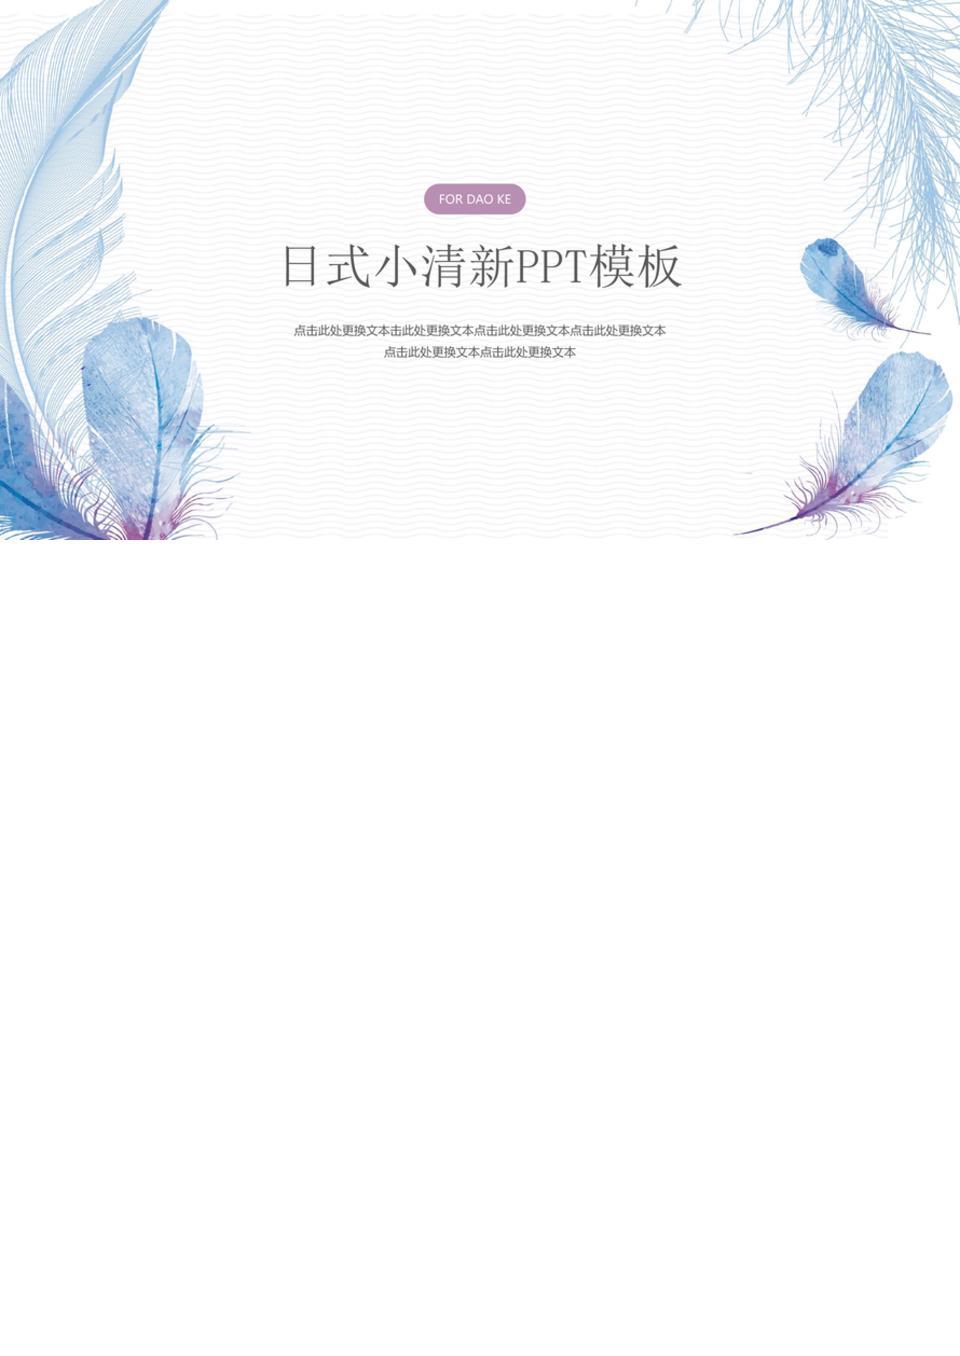 日式小清新通用PPT模板.pptx